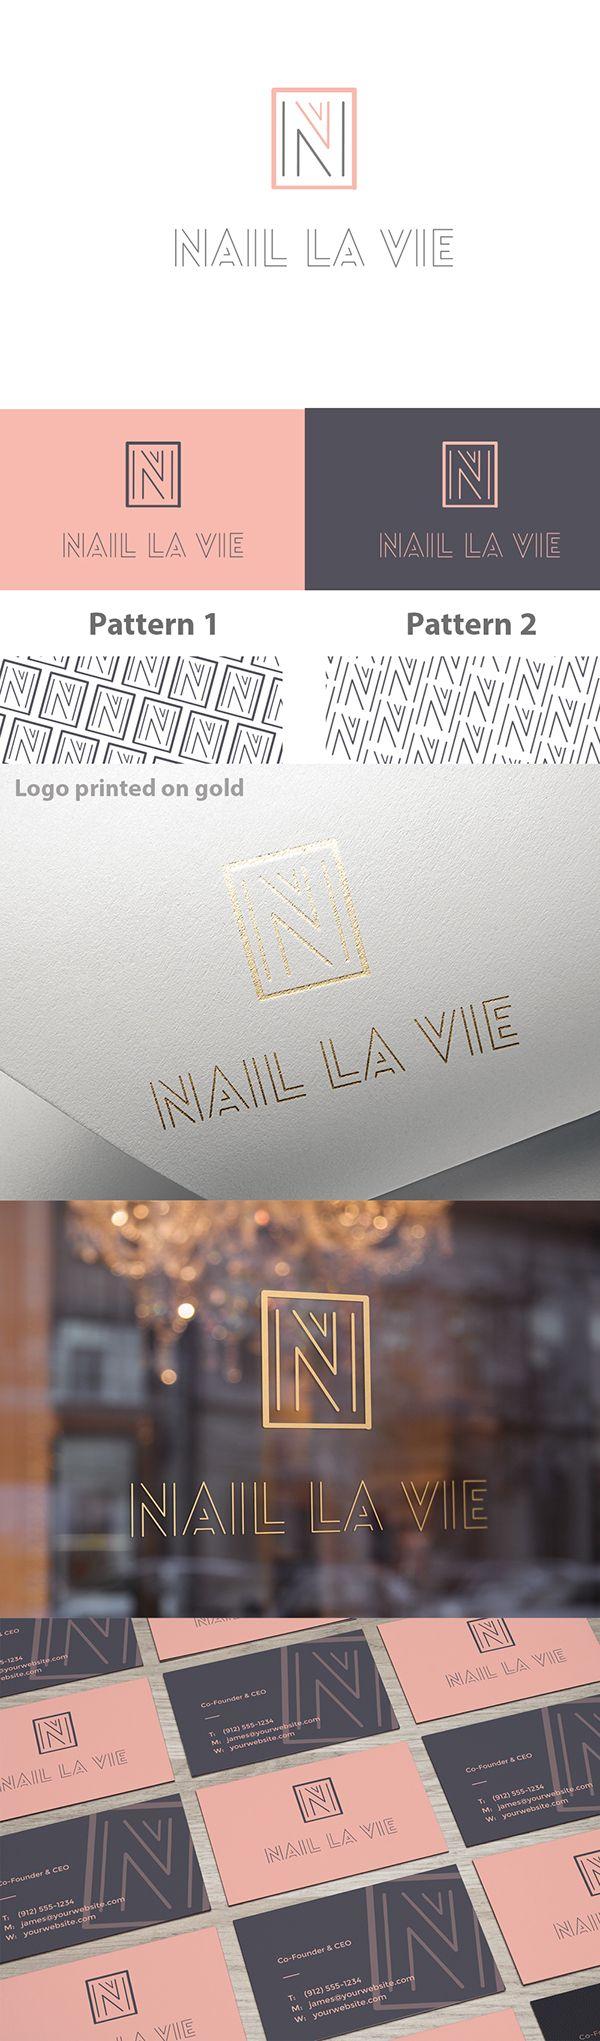 Nail La Vie Branding on Behance